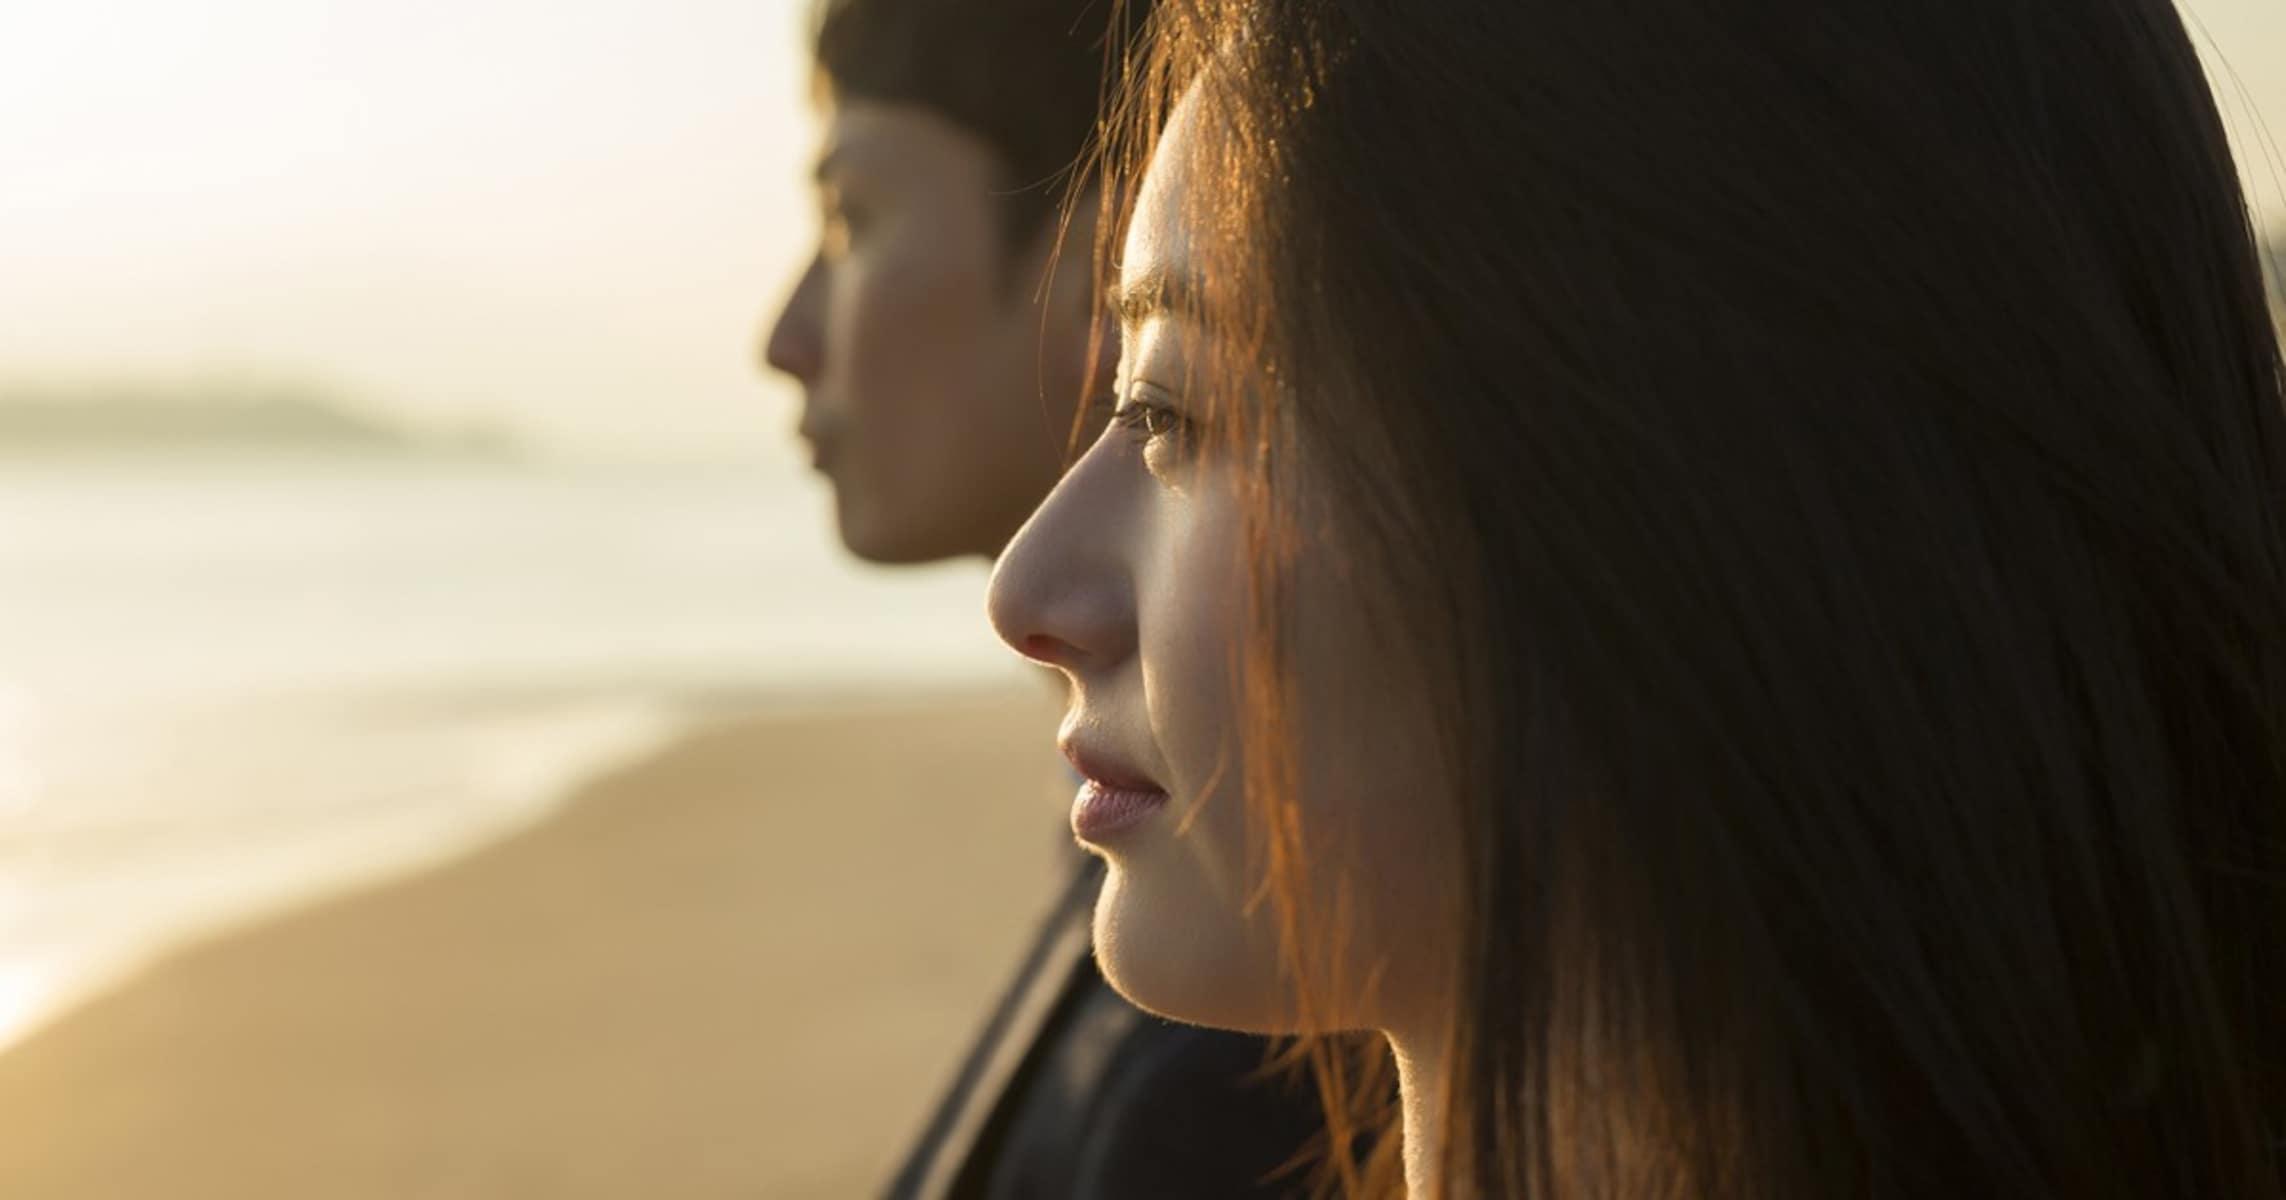 【結婚・離婚の幸福論】妊娠出産の前にセックスレス… 再び「男と女」を取り戻した夫婦に聞いた円満のヒケツ